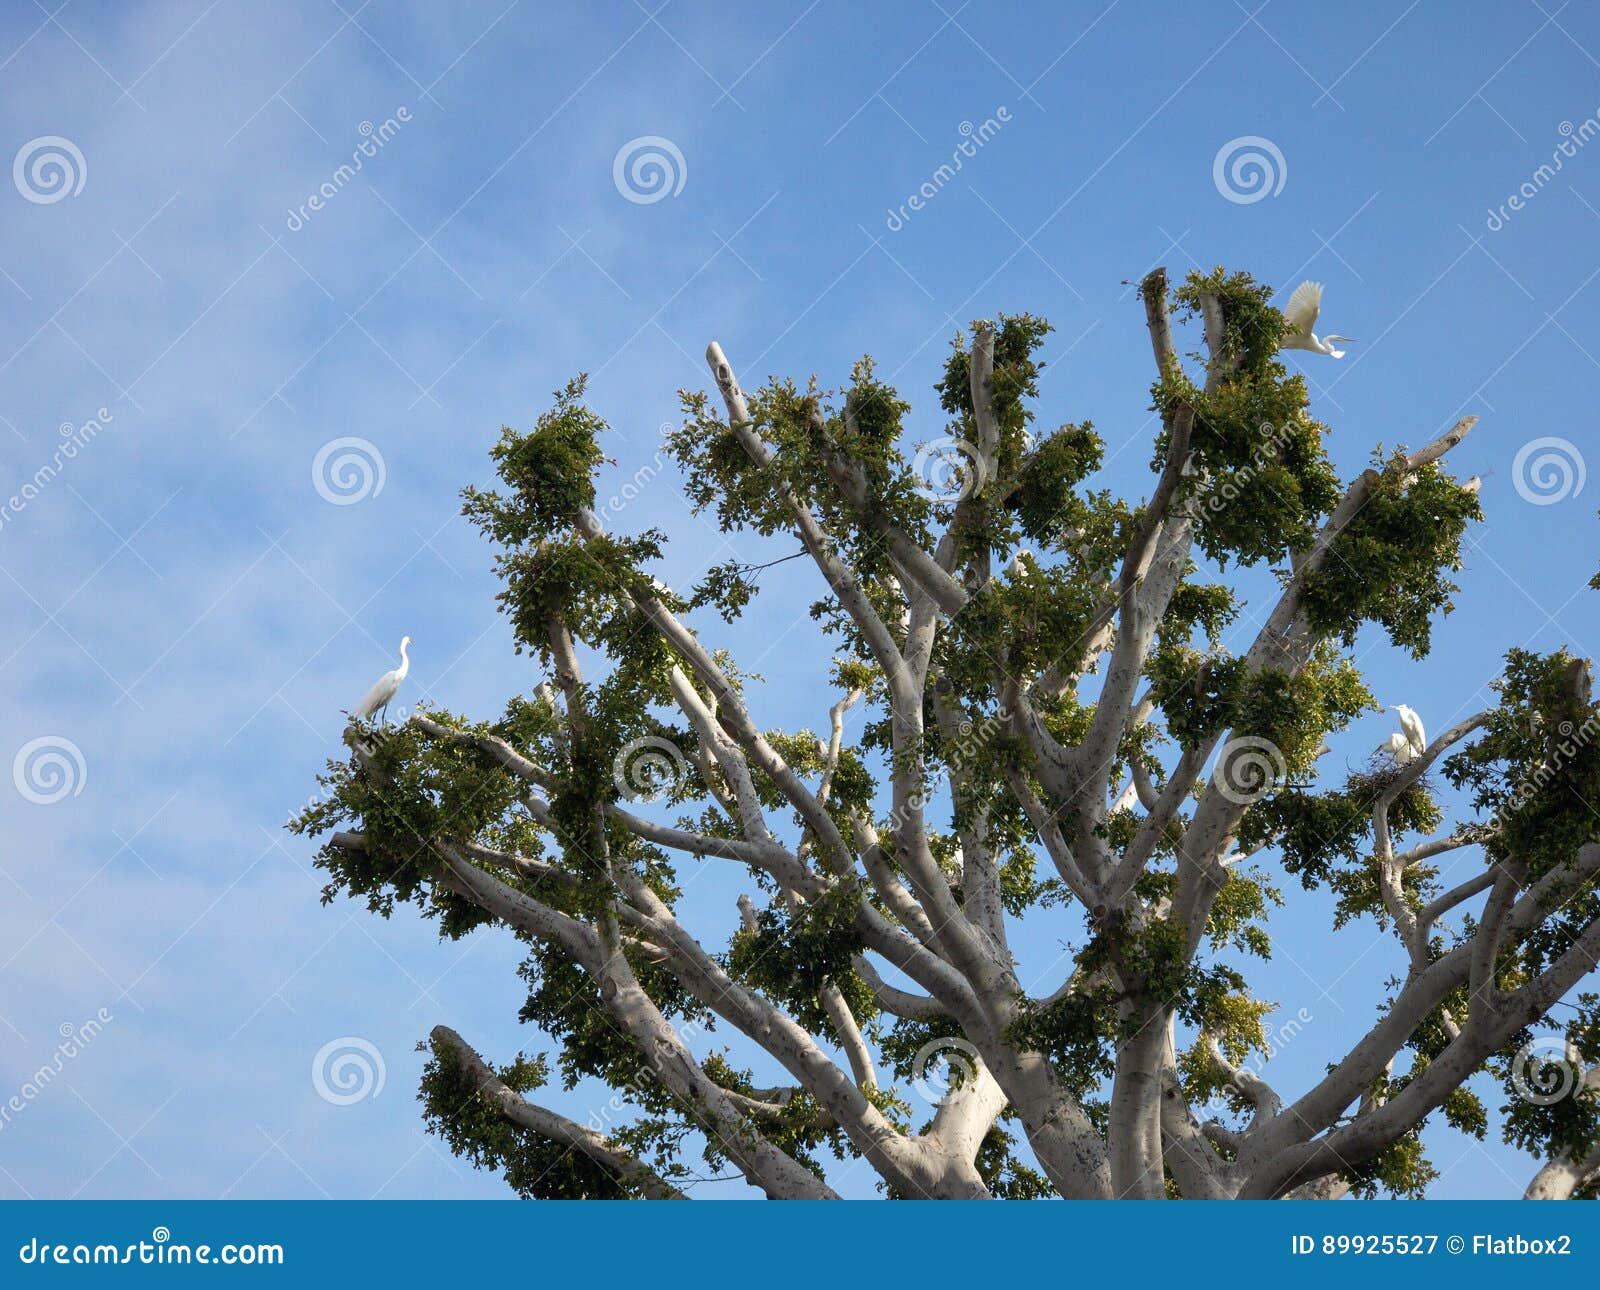 Storchgestalt nistet auf einem Baum in Malibu